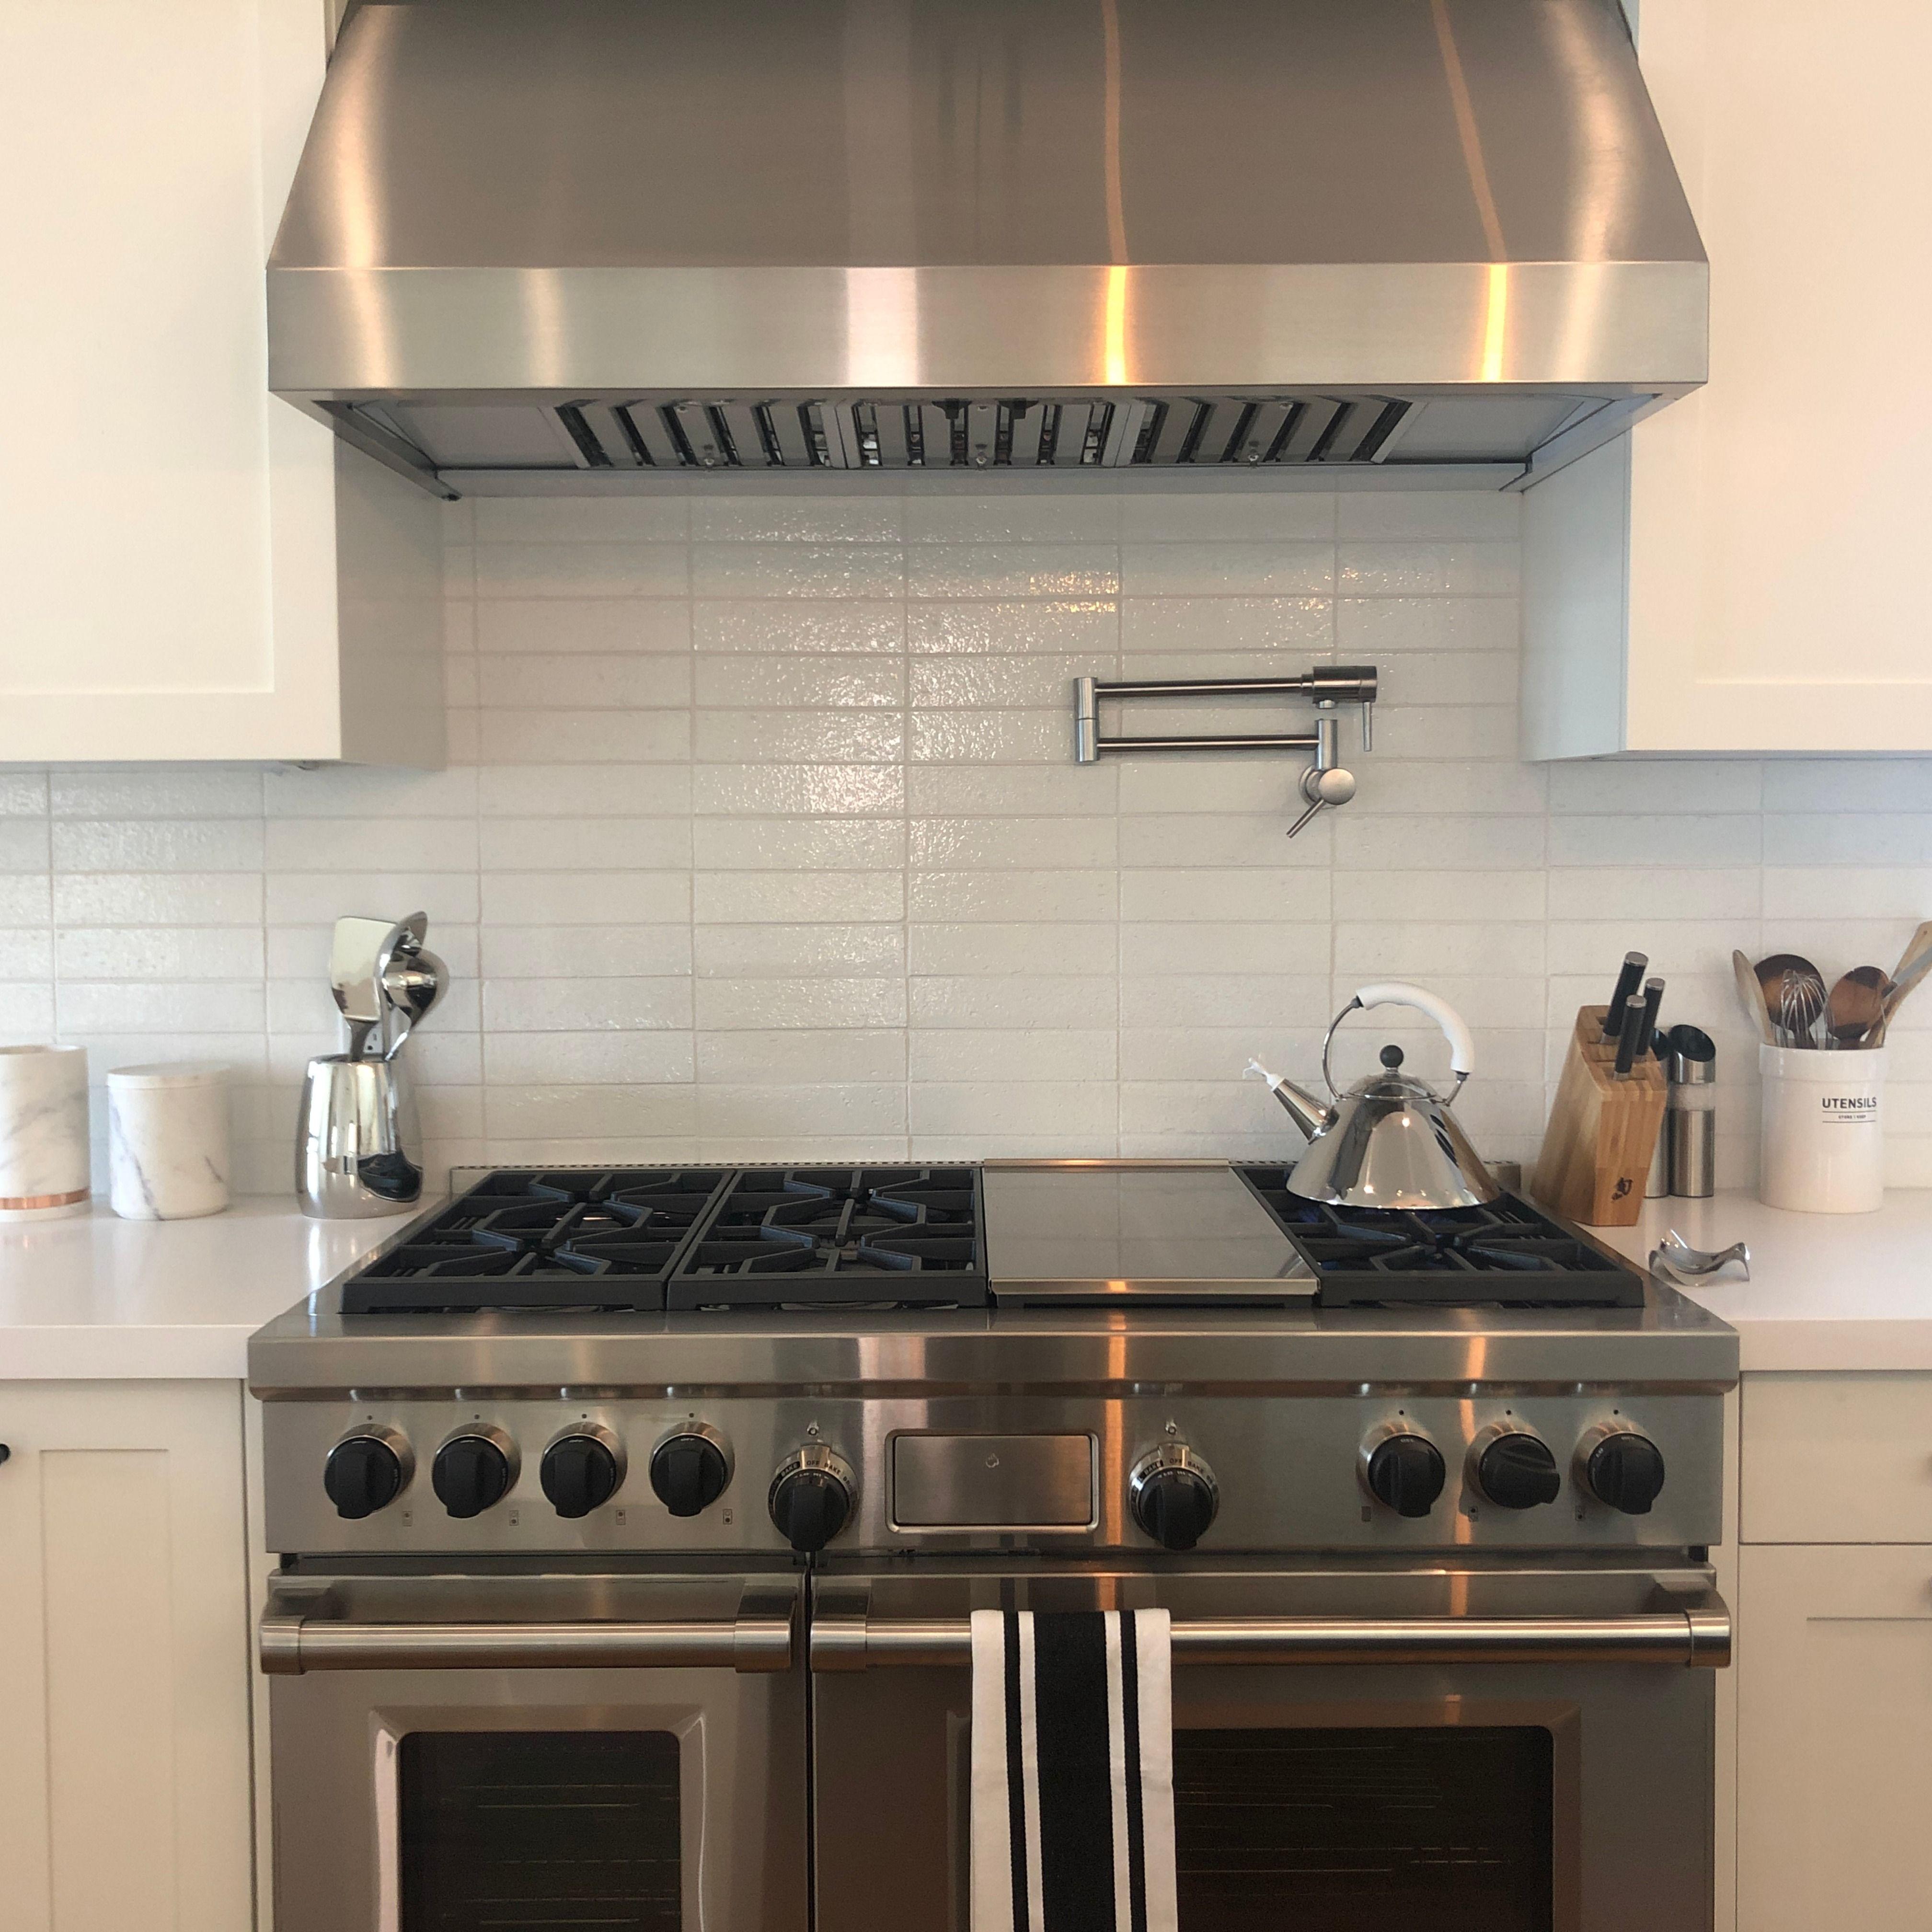 cle basics modern farmhouse brick white gloss rectangle 2 1 2 x9 1 2 x3 8 kitchen remodel kitchen kitchen backsplash